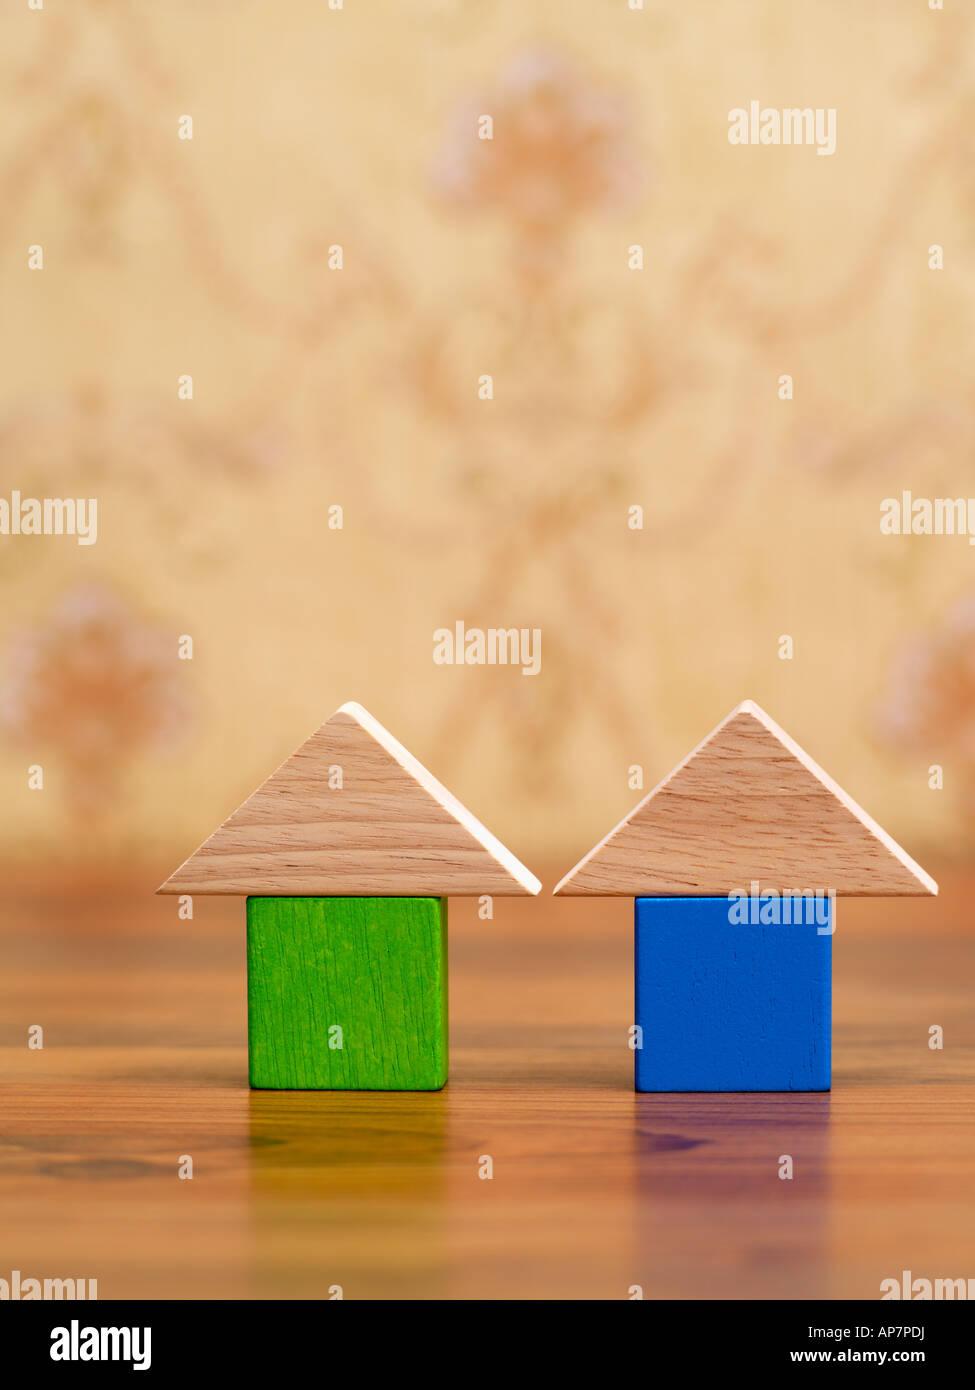 Bloc de construction de maisons Photo Stock